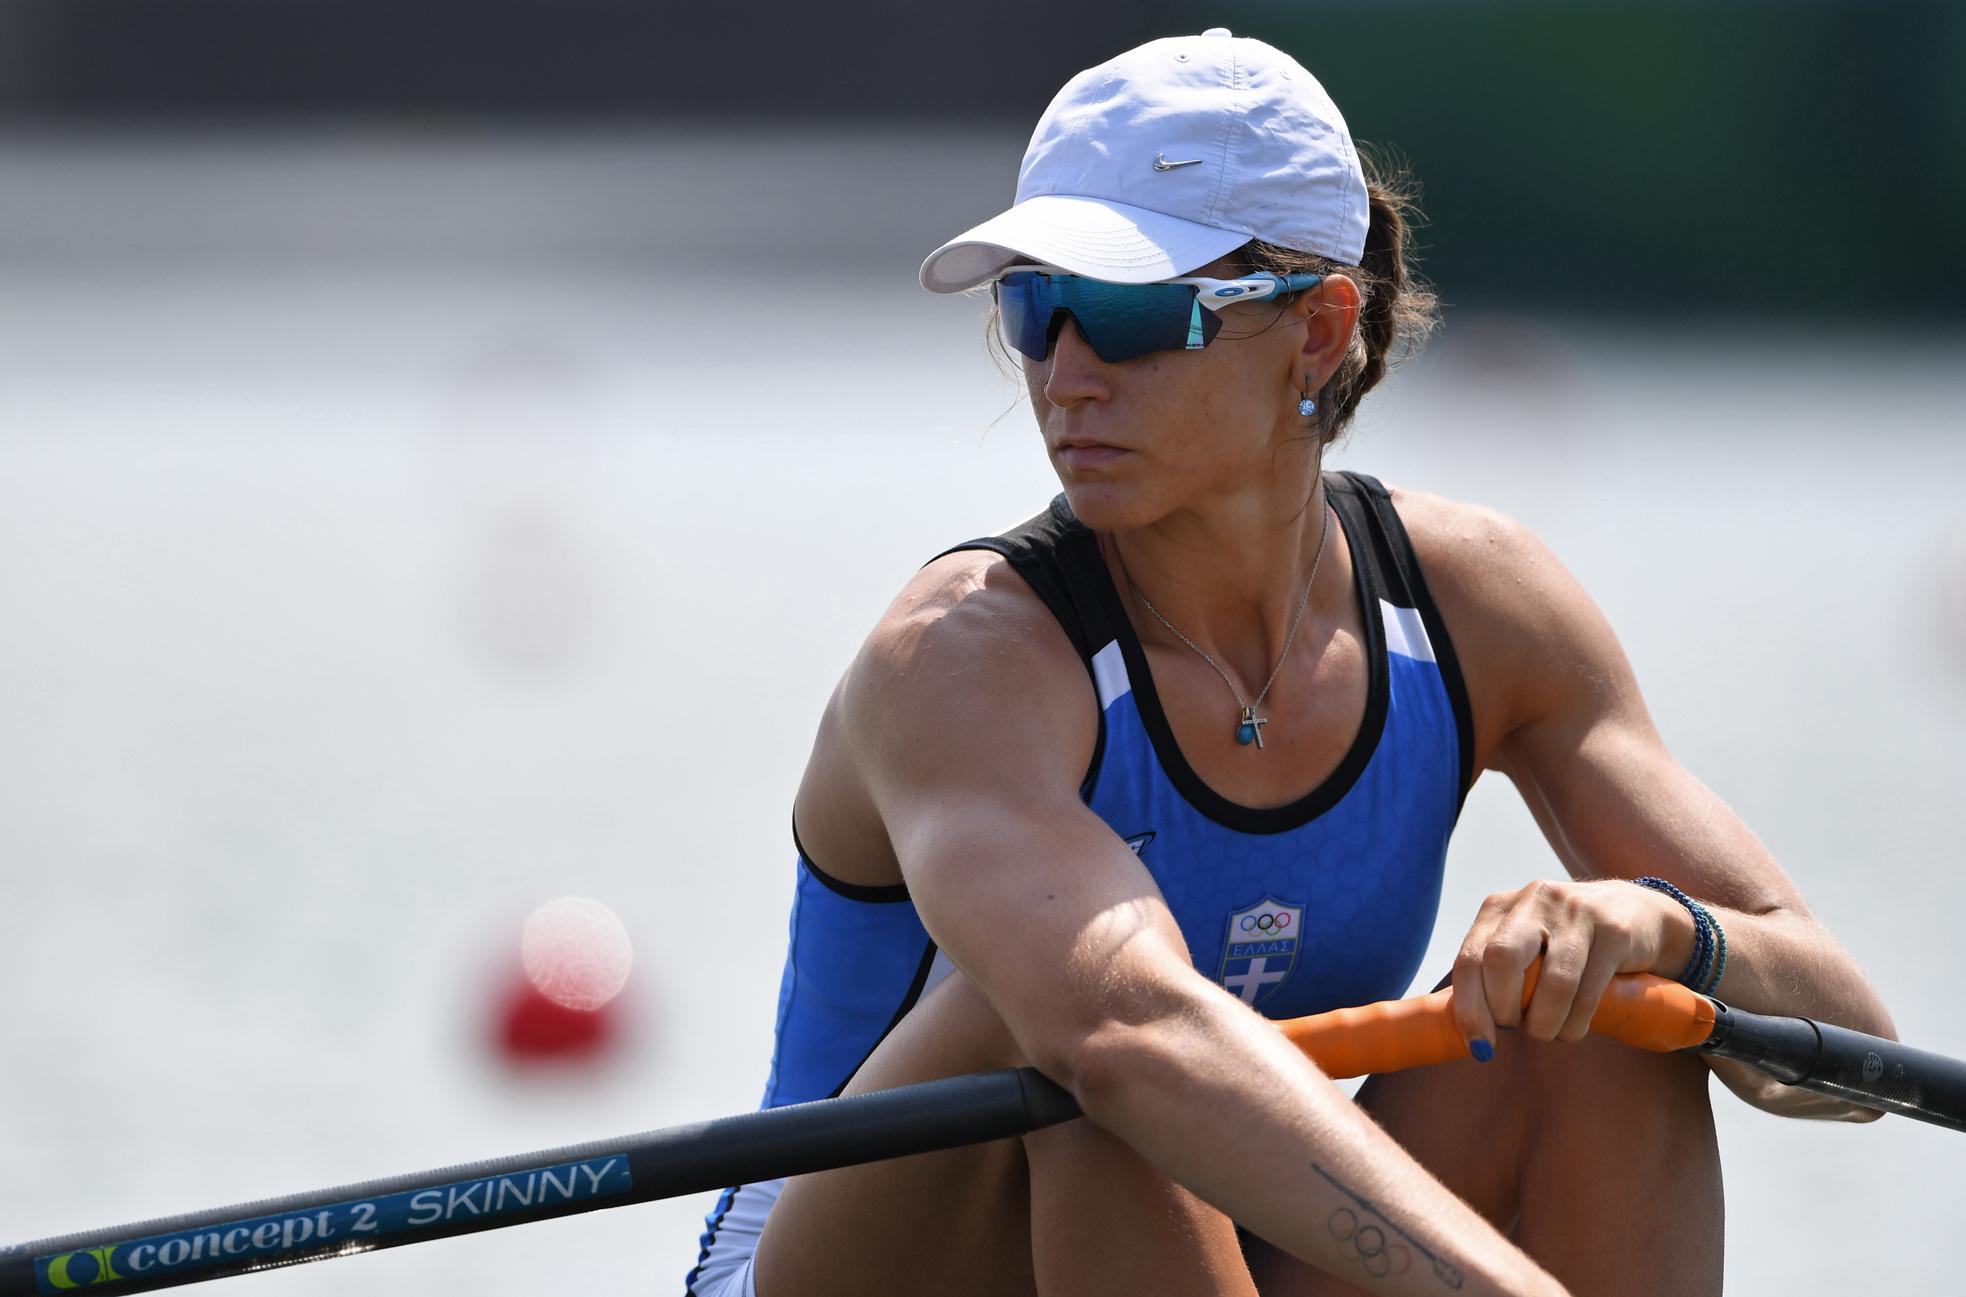 Ολυμπιακοί Αγώνες – Κωπηλασία: Εκτός τελικού η Αννέτα Κυρίδου